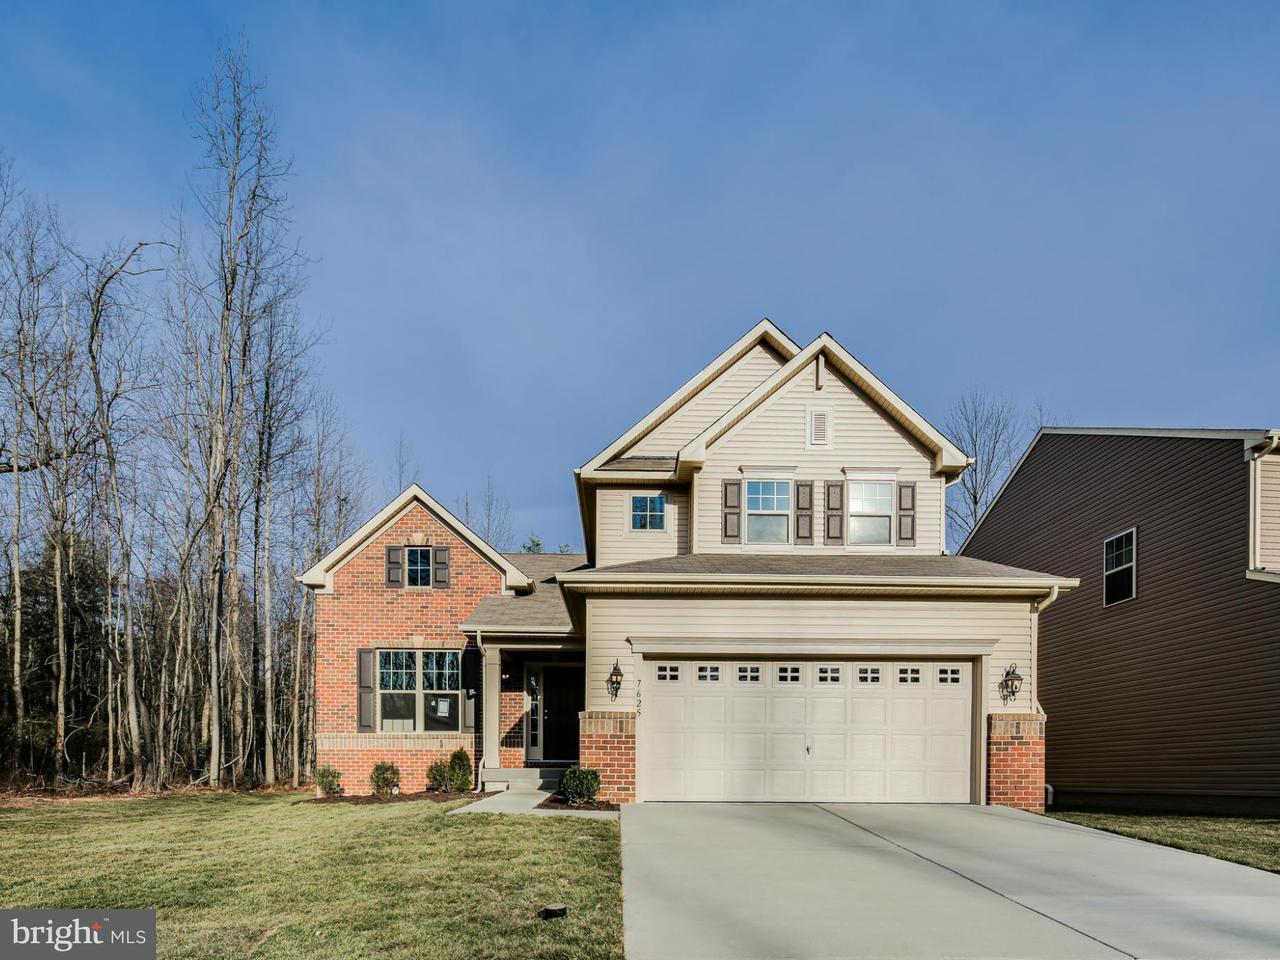 Einfamilienhaus für Verkauf beim 1517 KATLA Court 1517 KATLA Court Harmans, Maryland 21077 Vereinigte Staaten